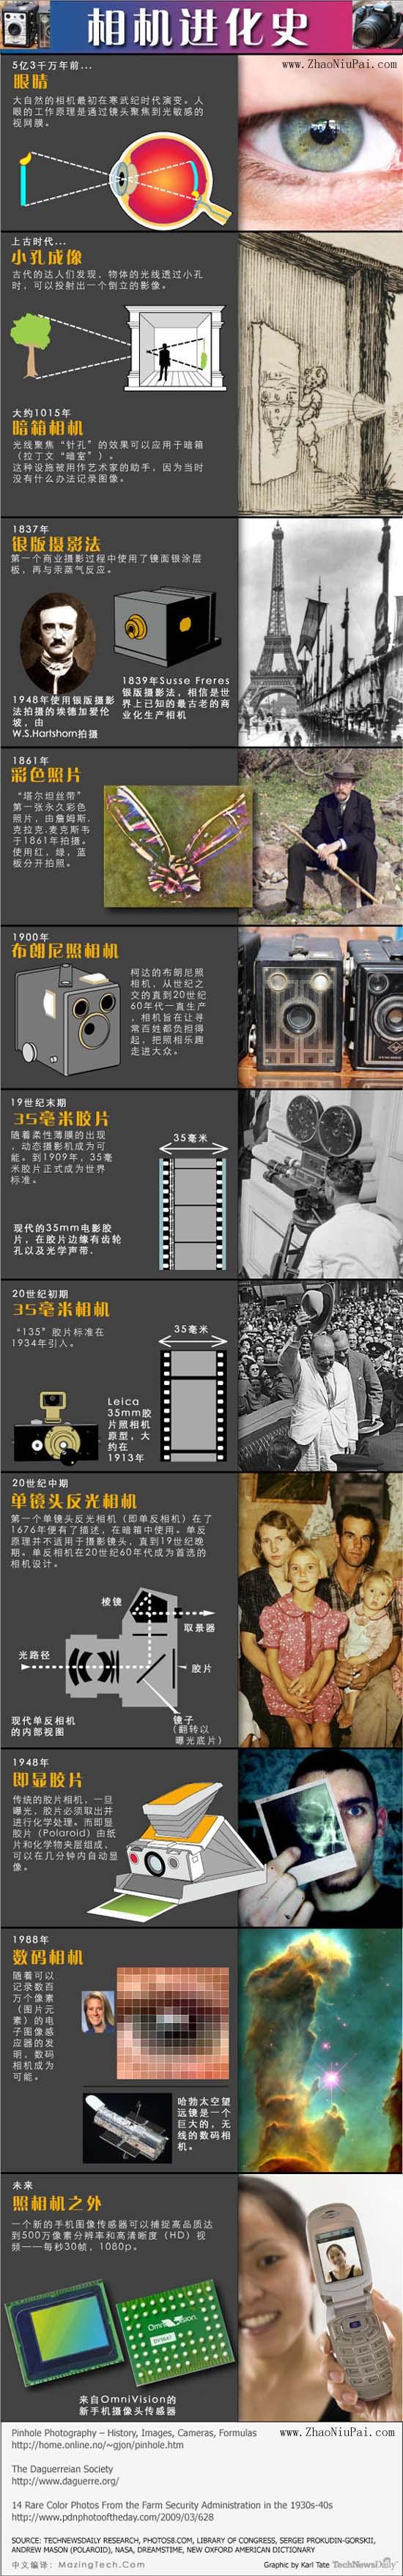 相机的进化史(历史)